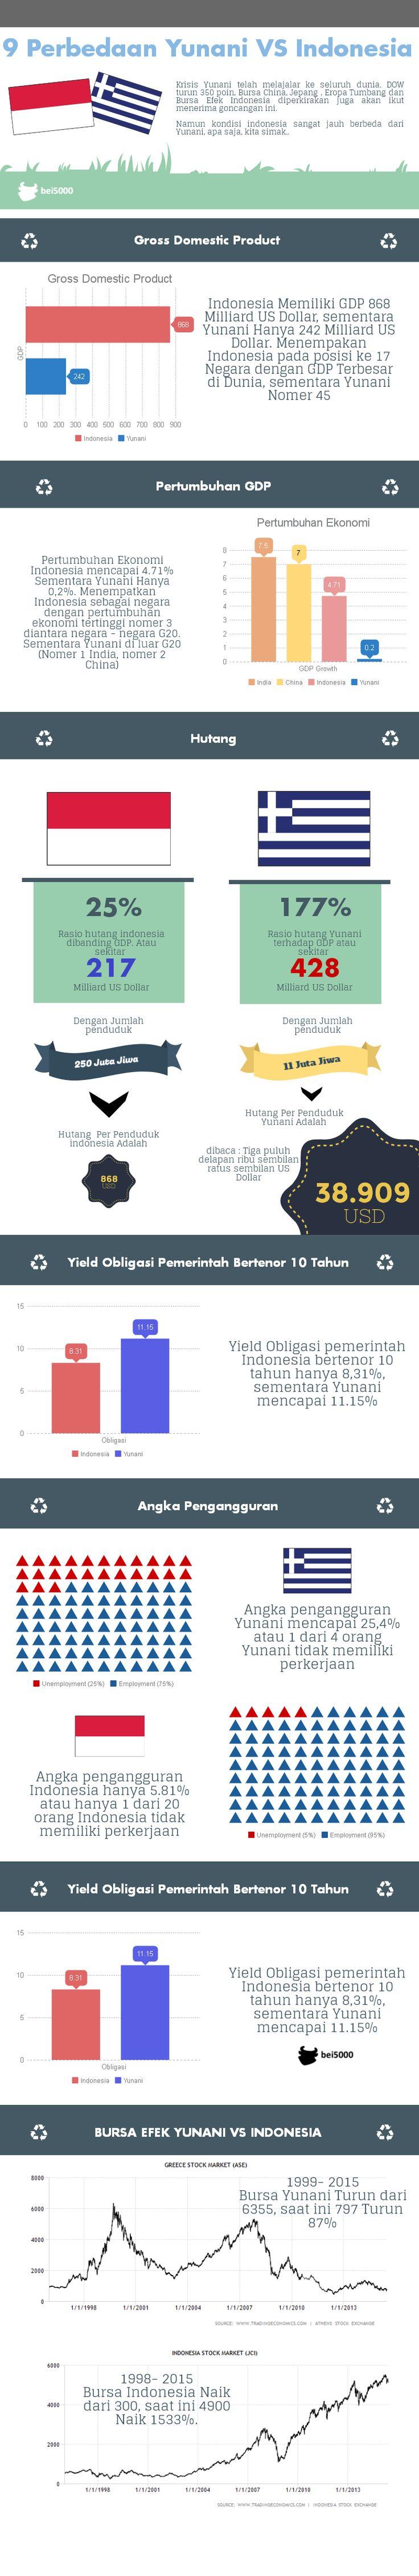 9 Perbedaan Yunani dengan Indonesia